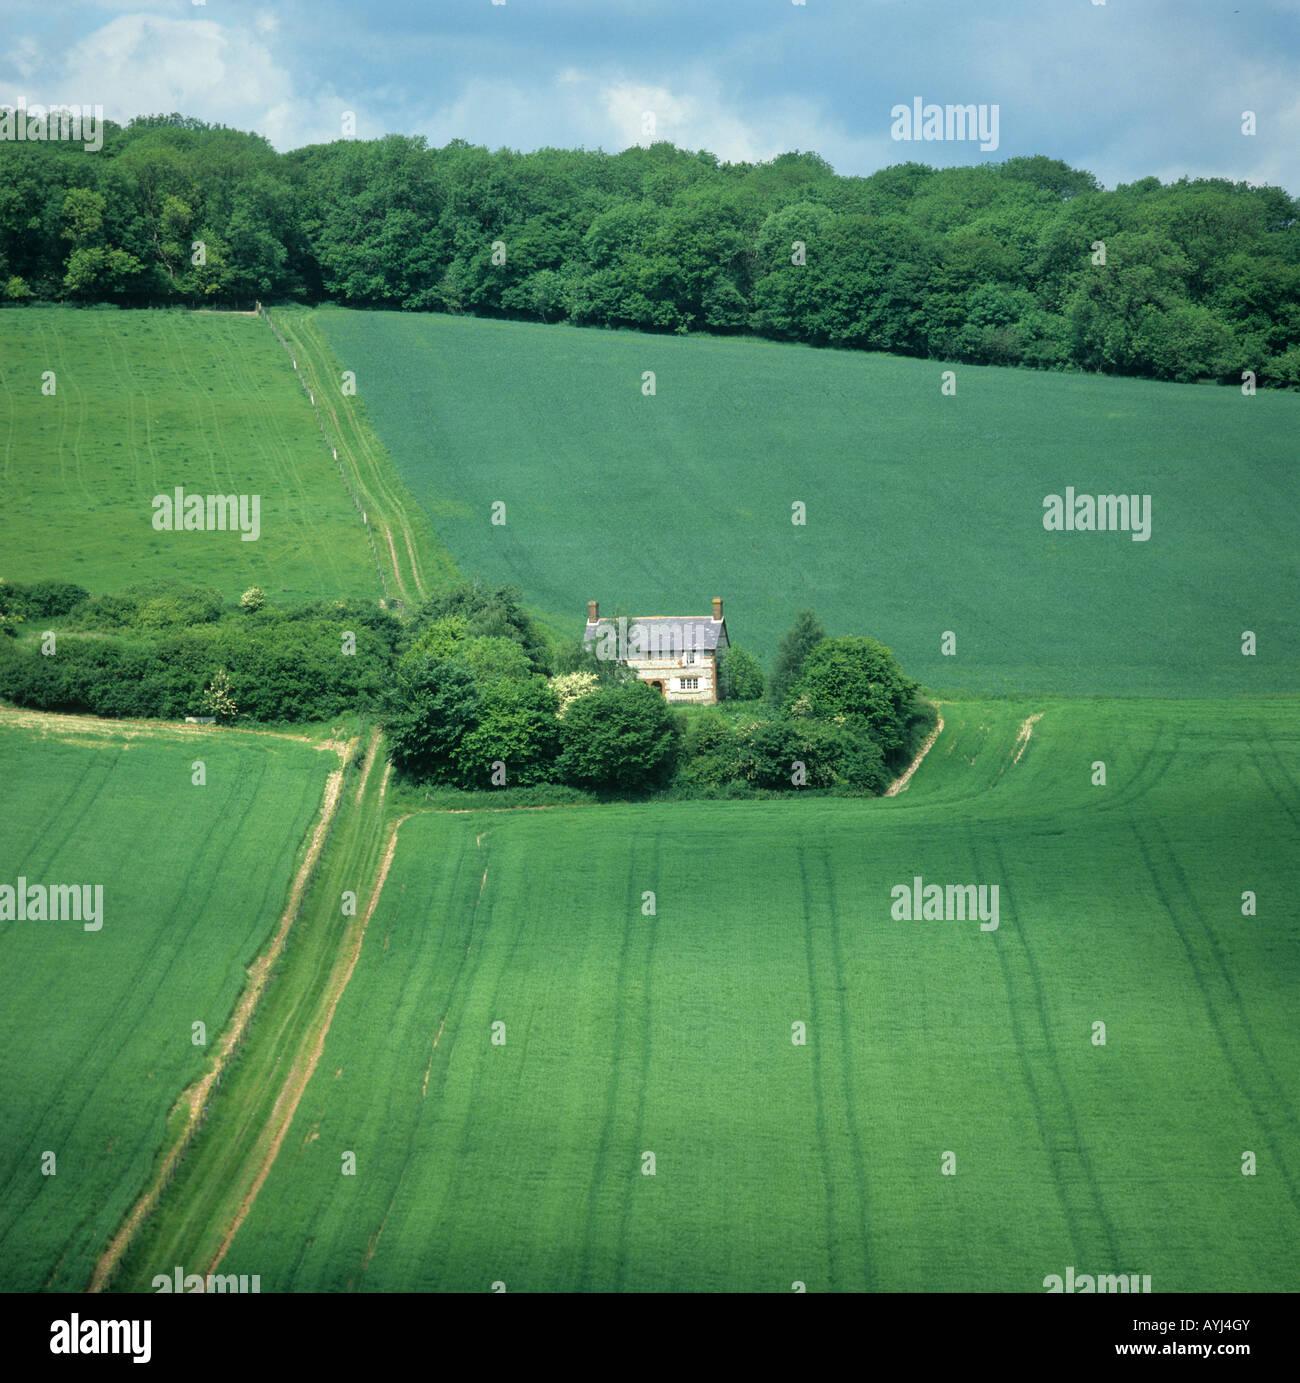 Jahreszeiten-Serie von vier Feldern Vernham Dean Hampshire Mai grün Getreide Stockbild